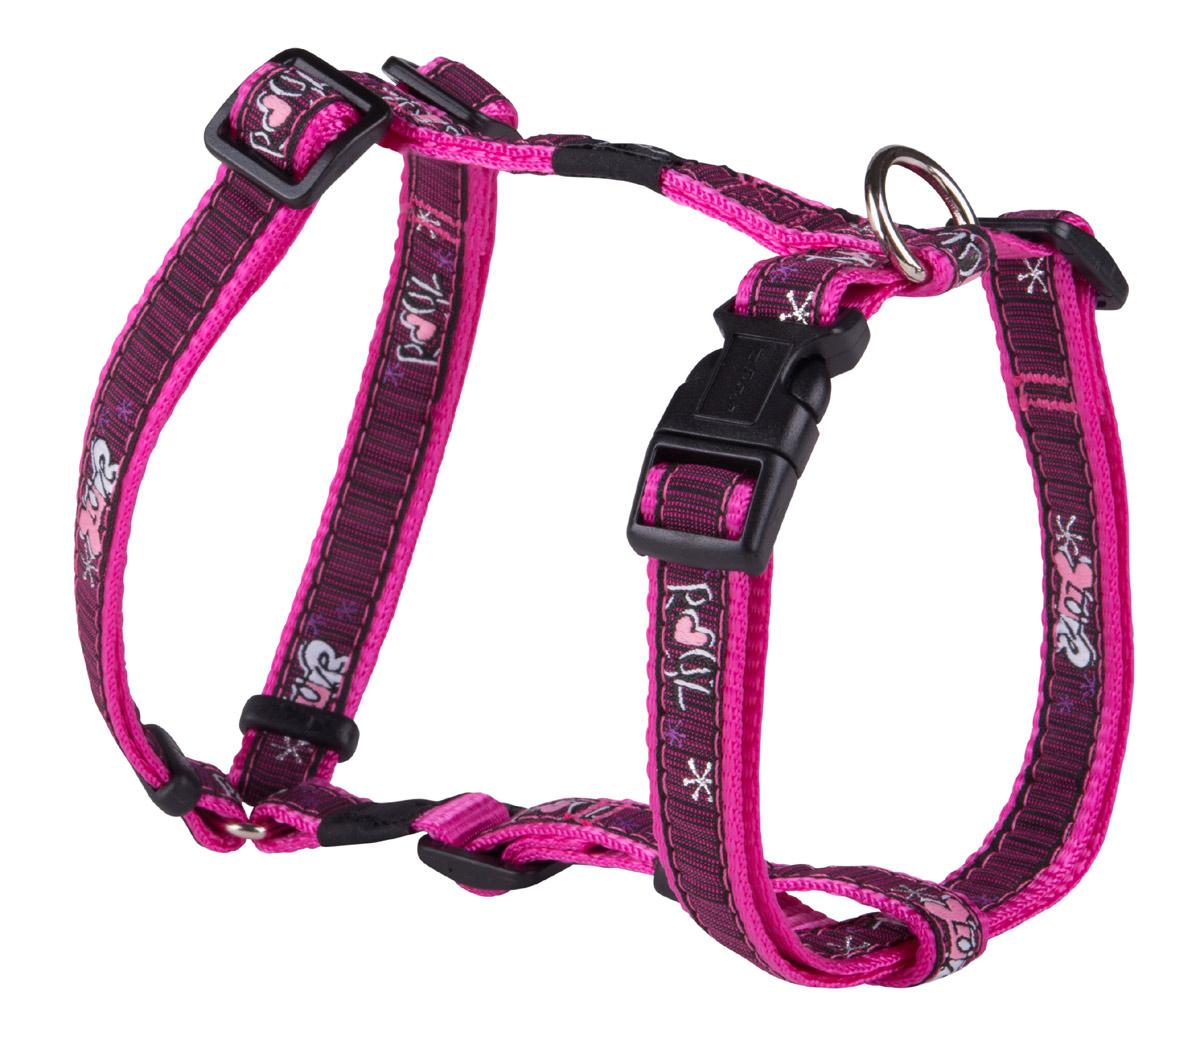 Fancy Dress Harness - Pink Love